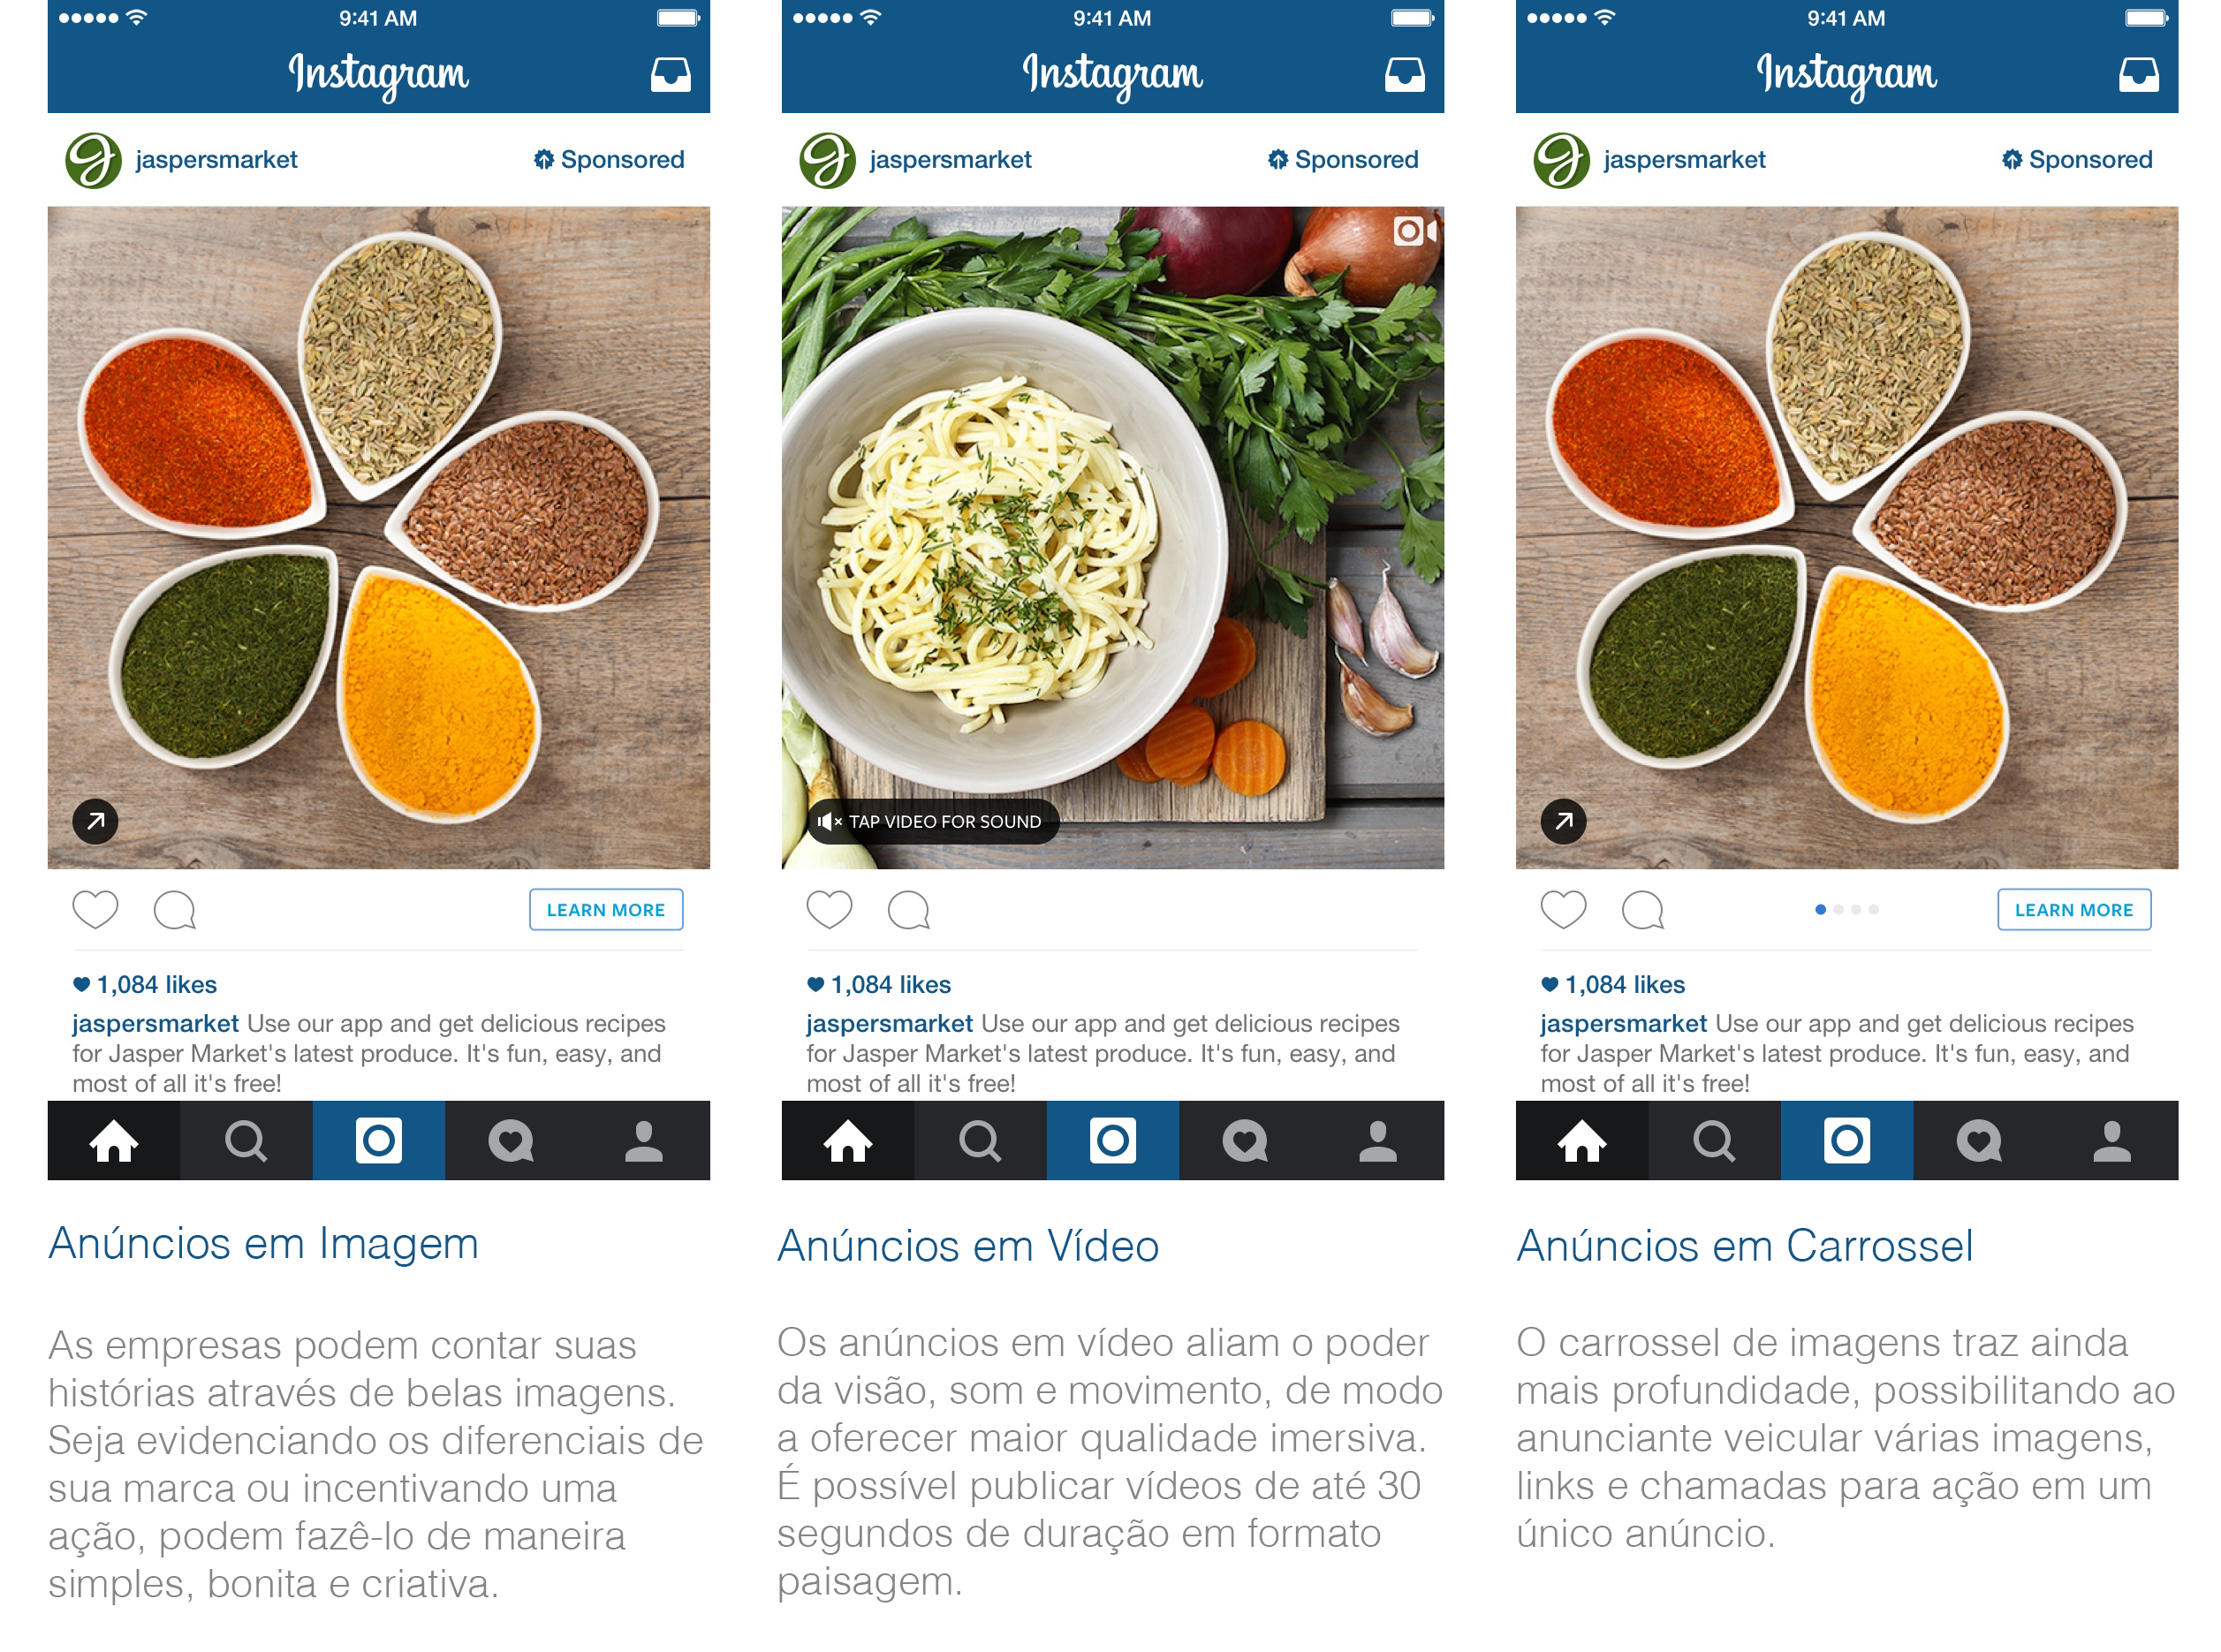 Tipos de Anúncios no Instagram